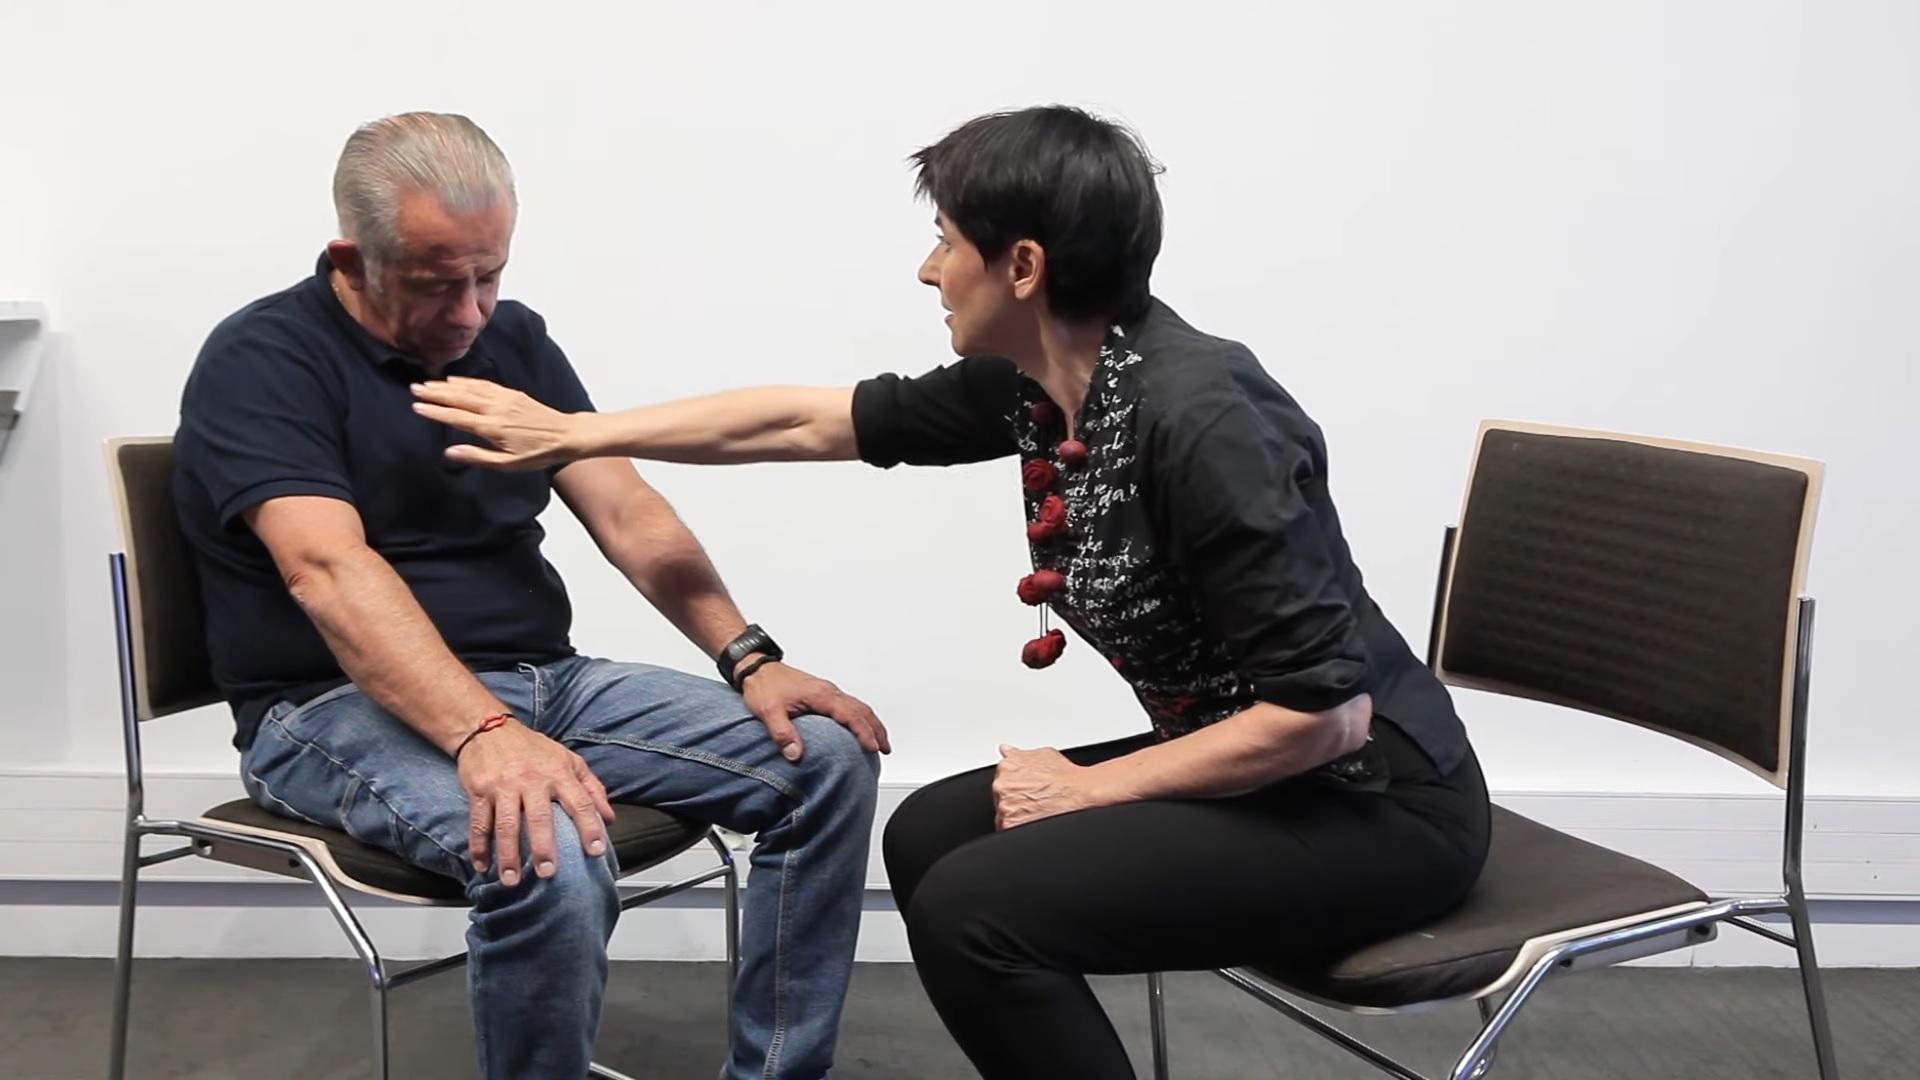 Confinement - déconfinement : que peut apporter l'hypnose dans cette pandémie ?